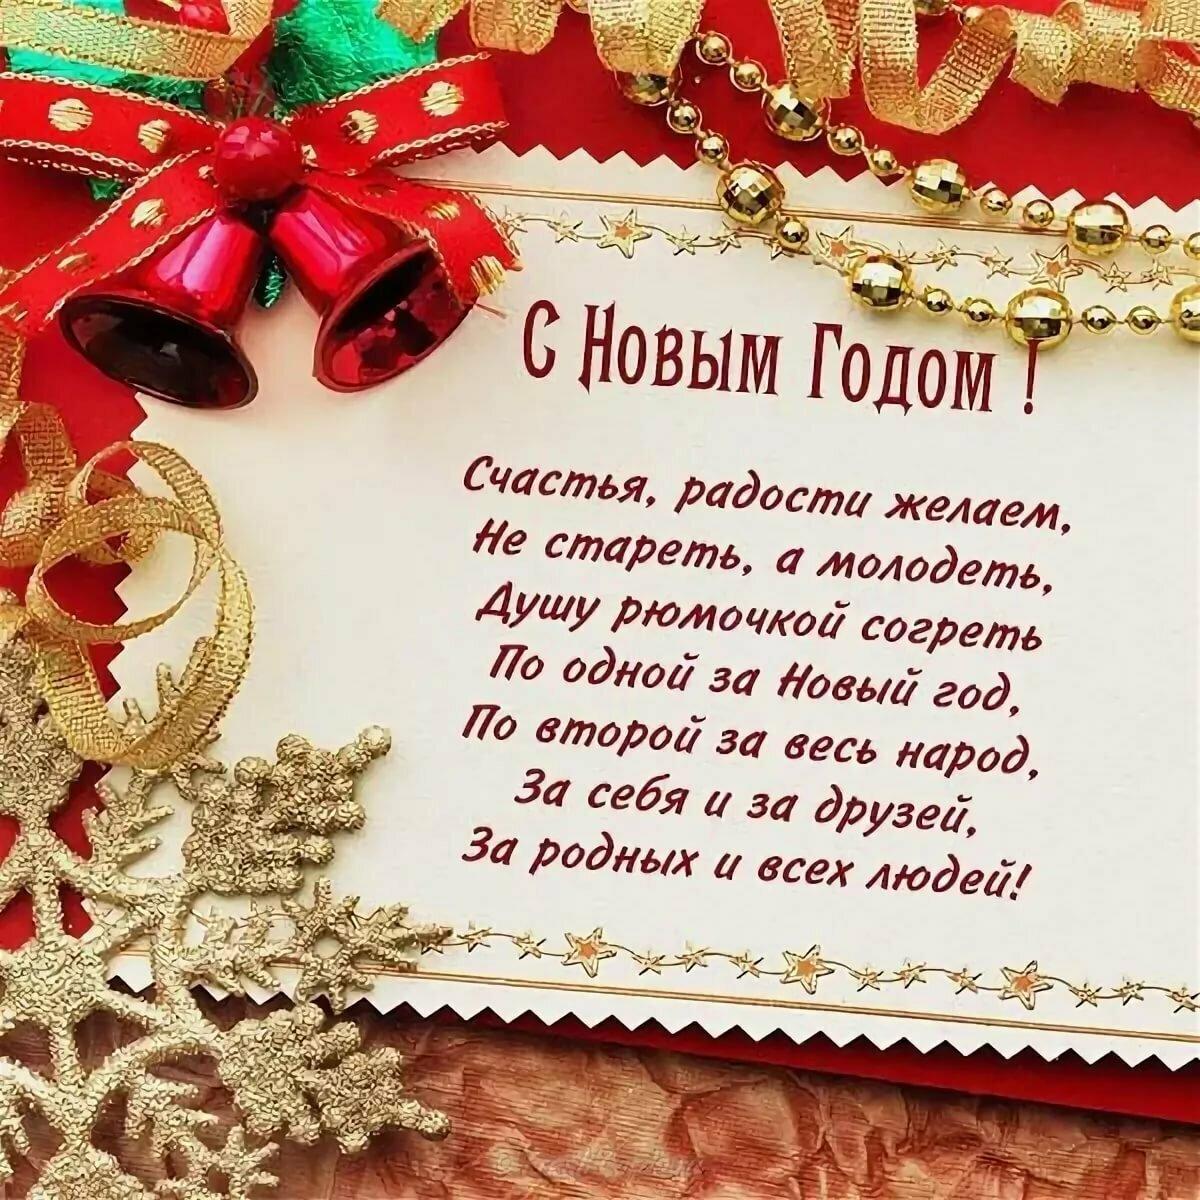 Классная открытка с новым годом